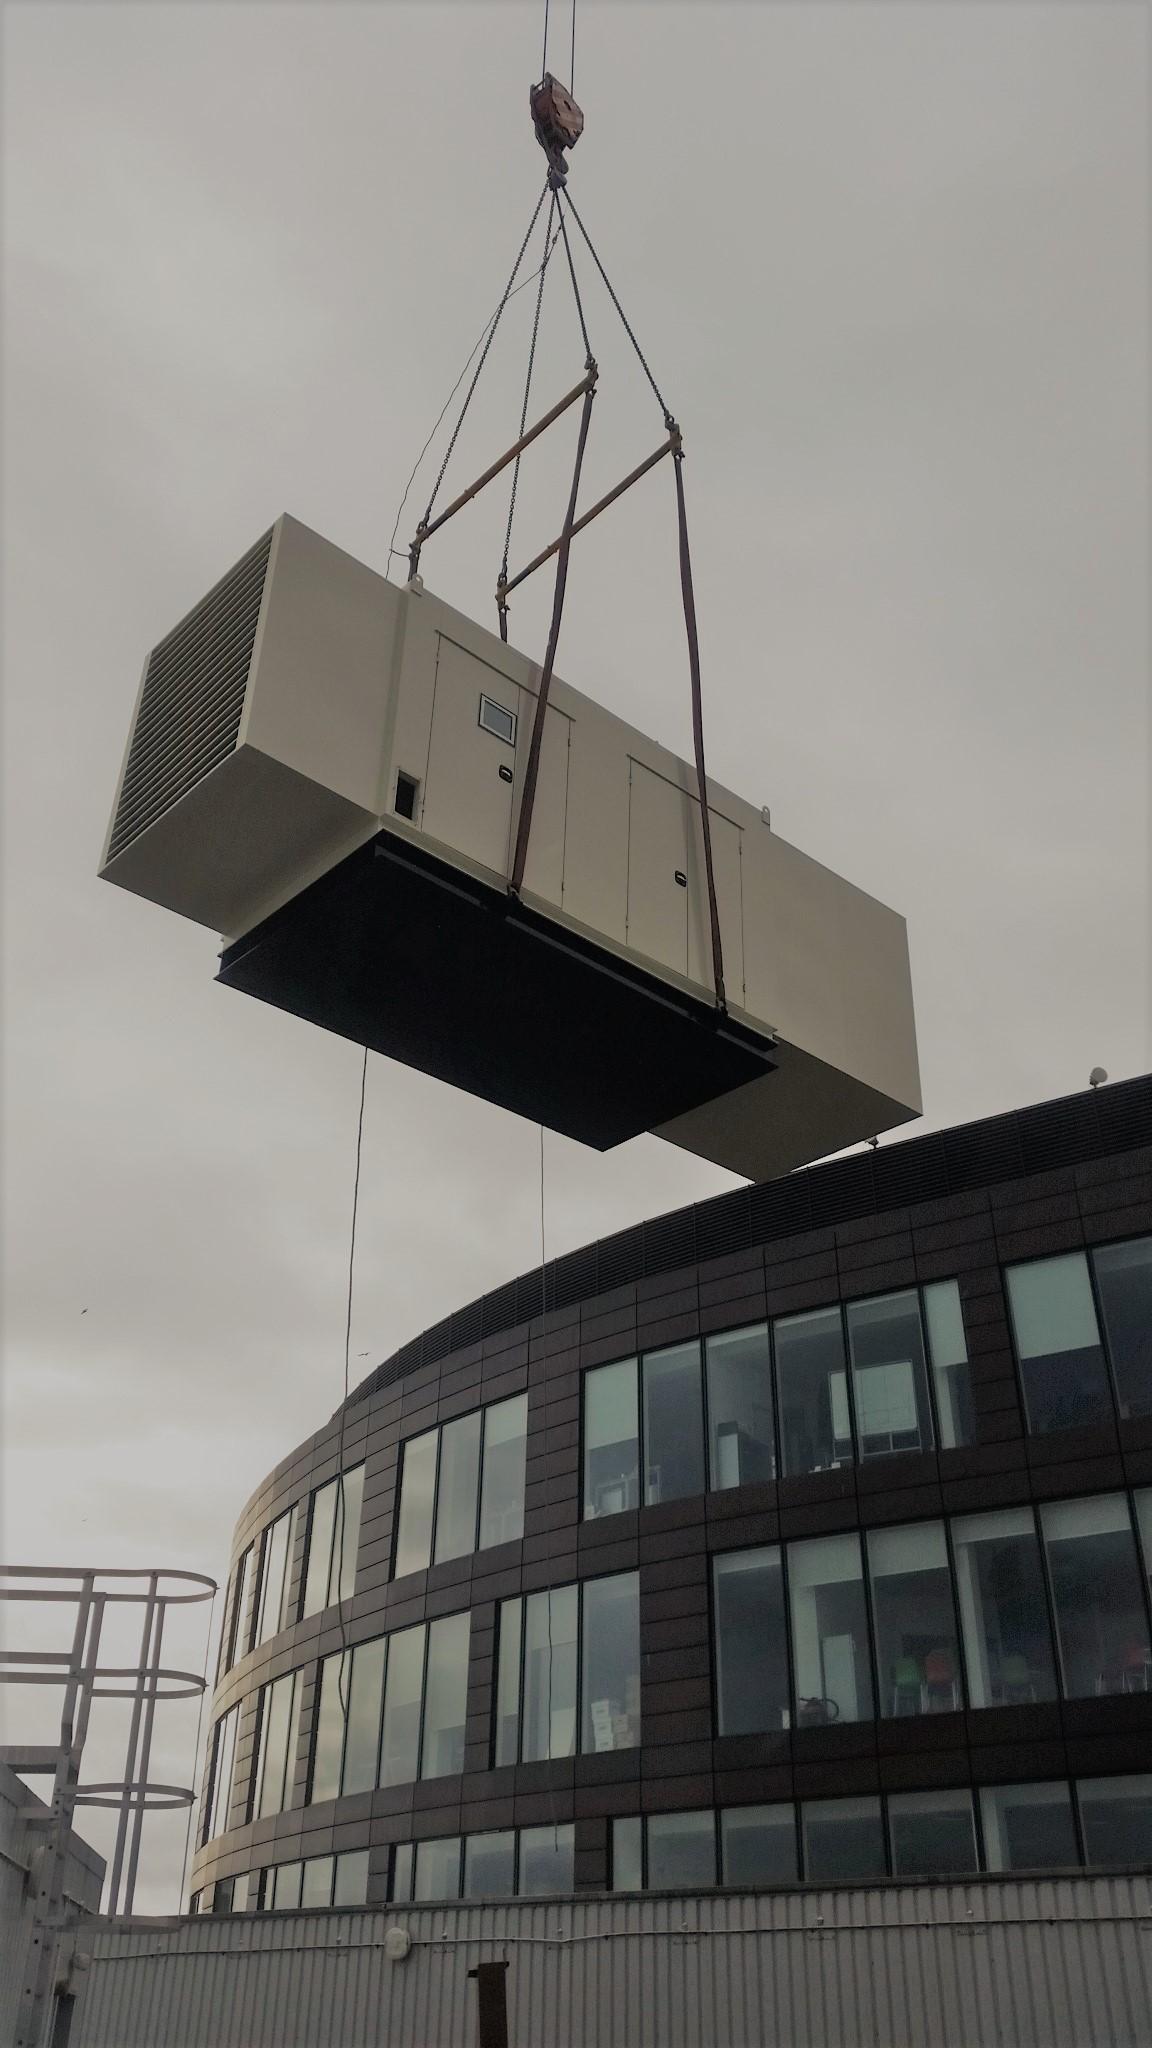 600kVA diesel generator craned onto roof